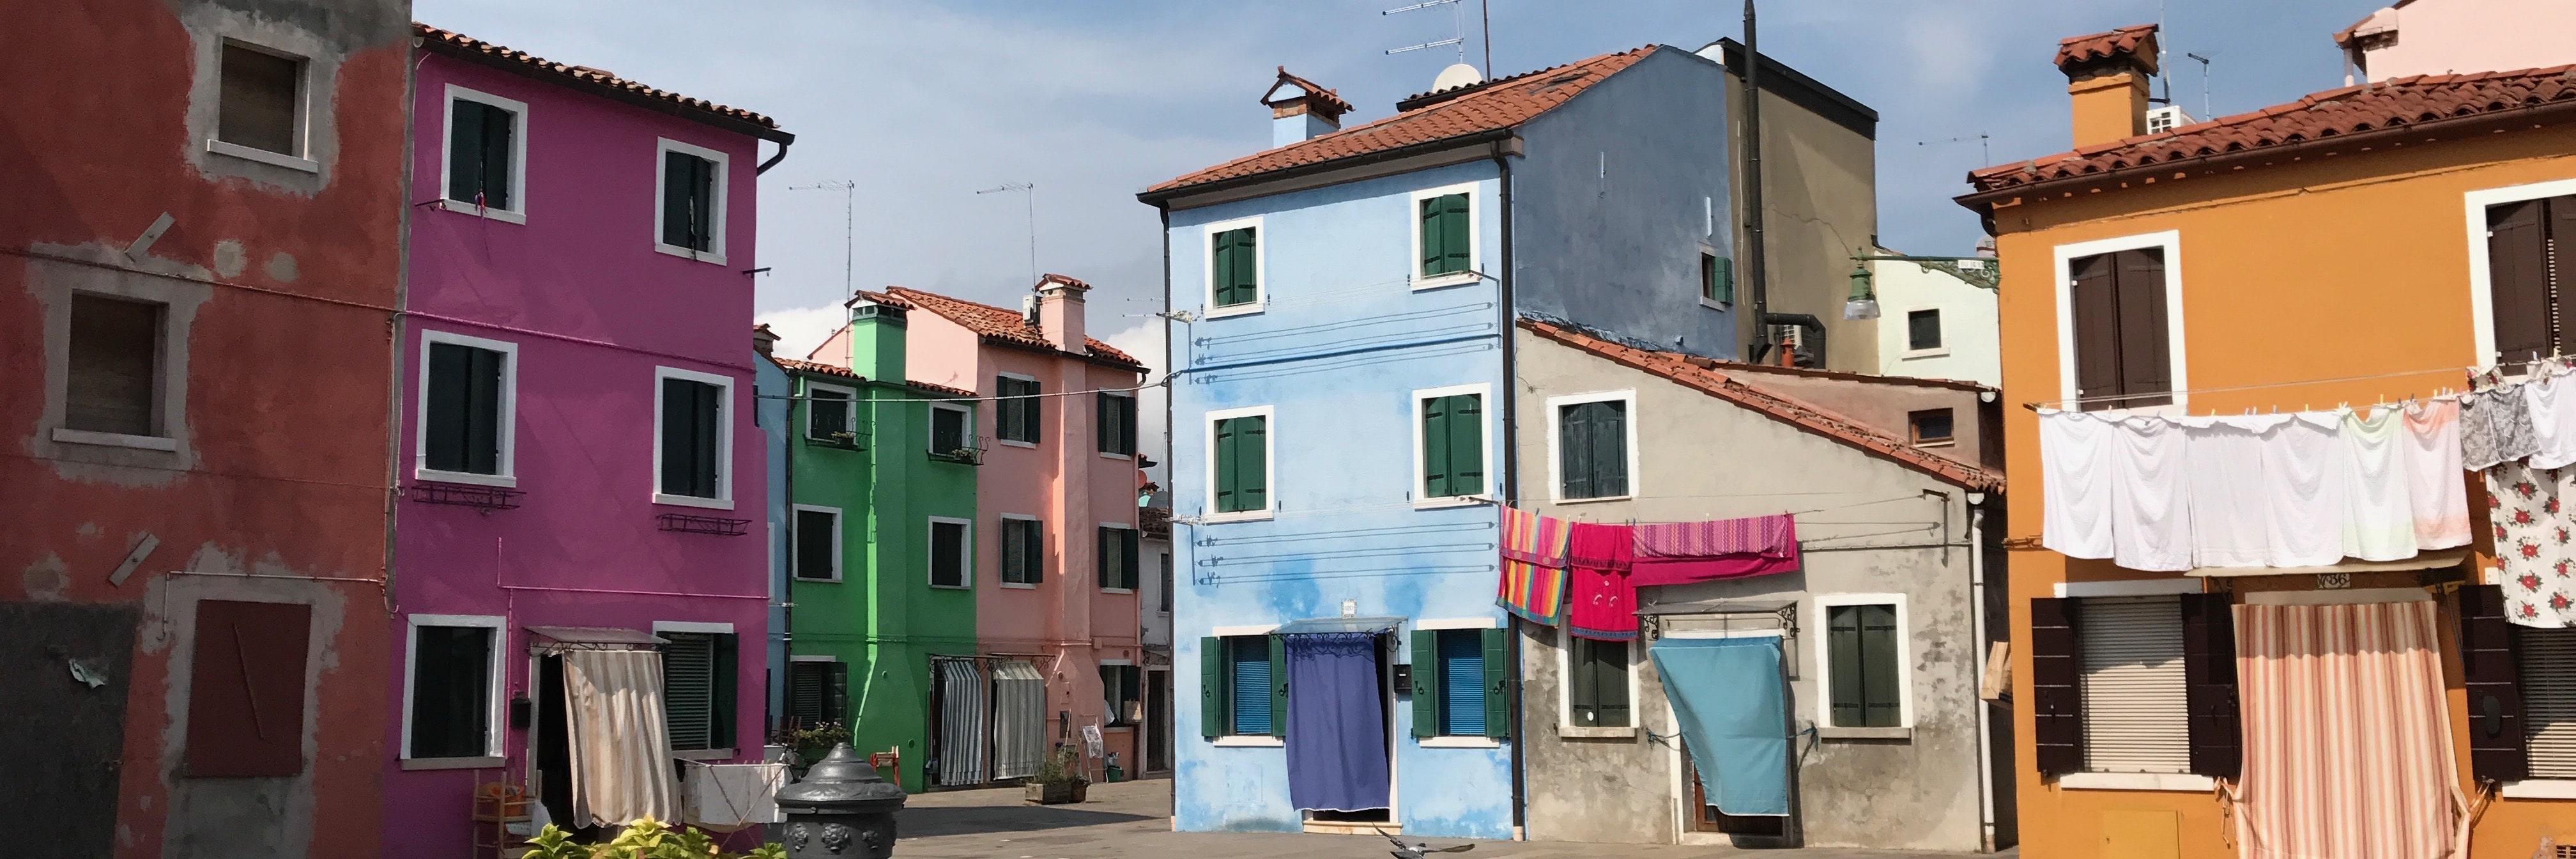 Venise - Burano